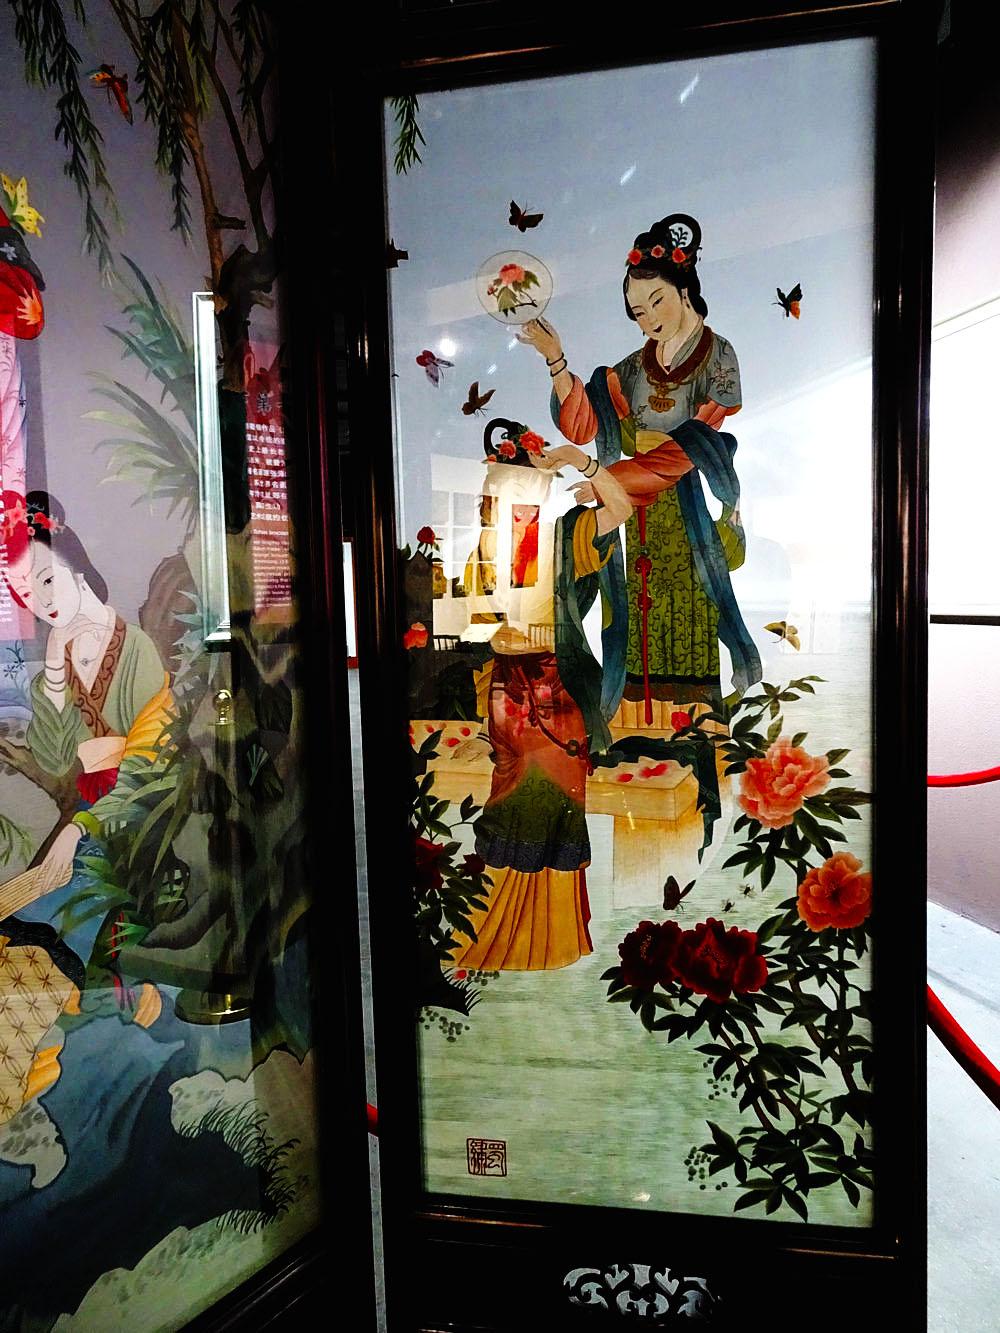 锦门,中国南丝绸之路的起点。丝绸自然是交往的主要商品,蜀锦是川西平原主要资源,种桑,养蝉,绞丝,织锦 ...